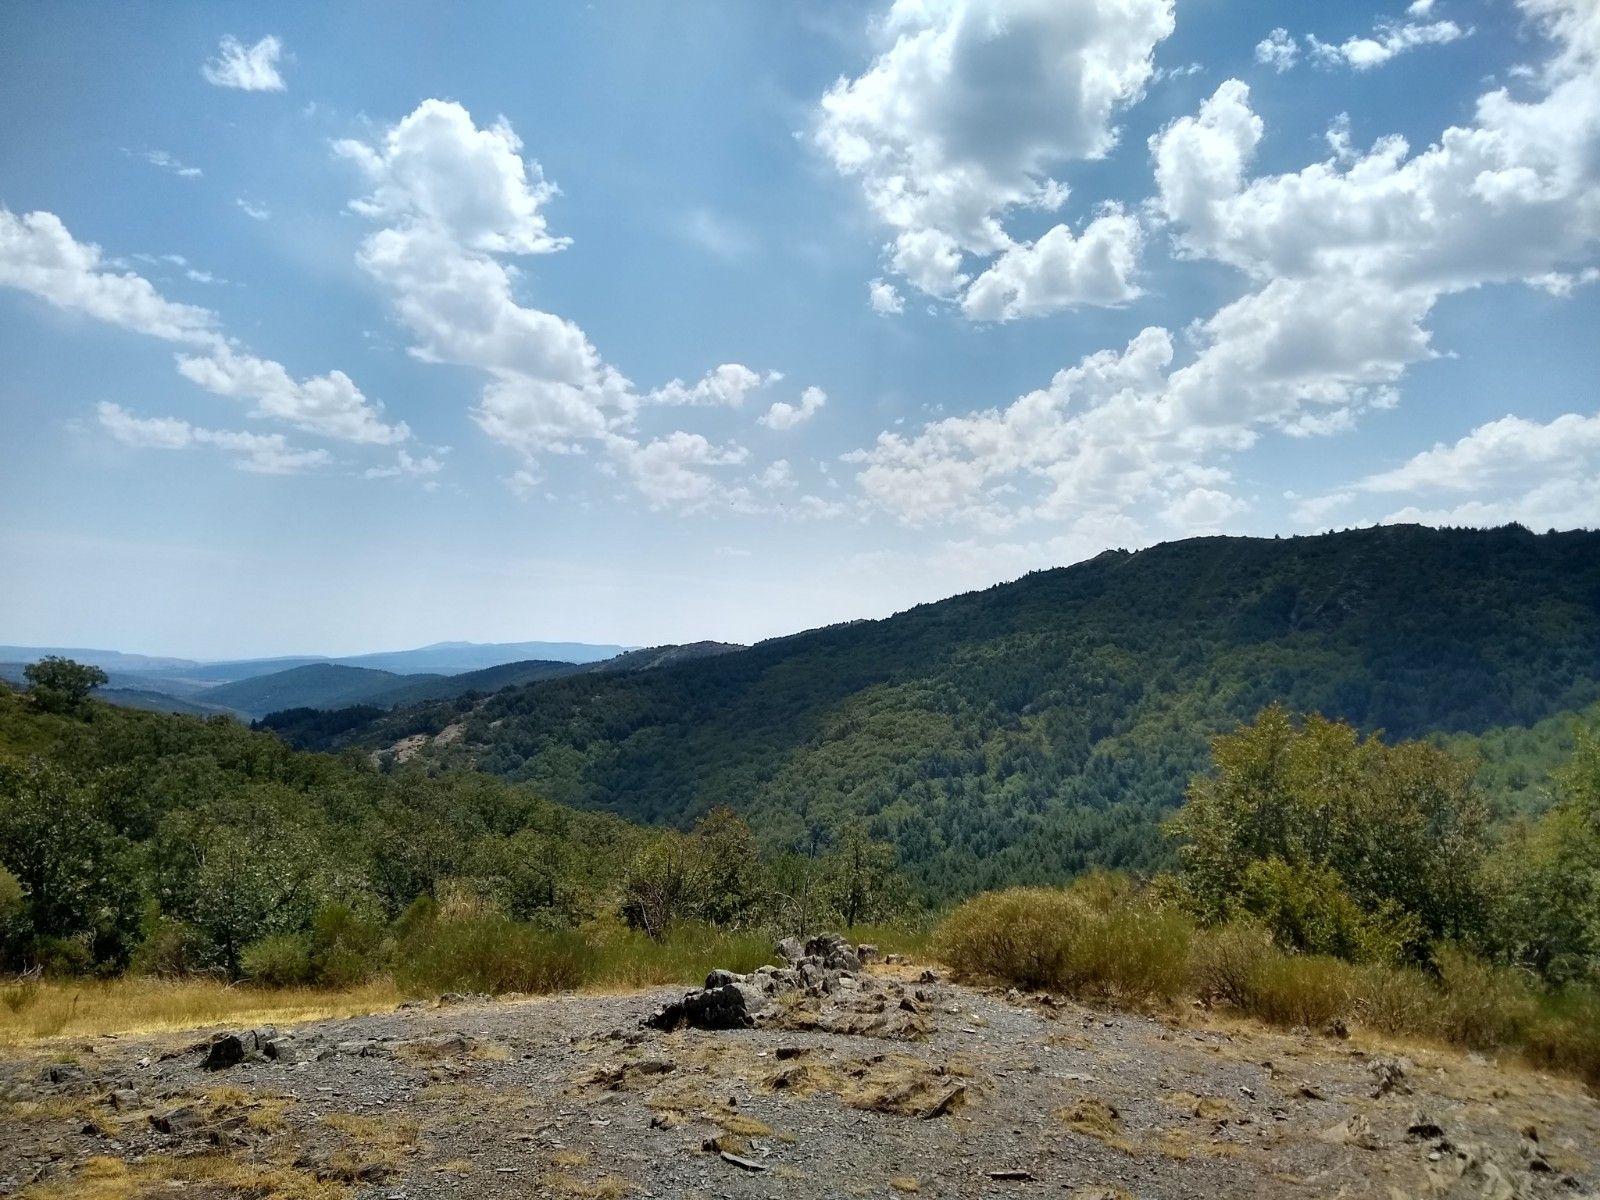 Vista del bosque desde lo alto del monte, se ven los distintos colores de los robles, pinos y hayas, es precioso y transmite paz